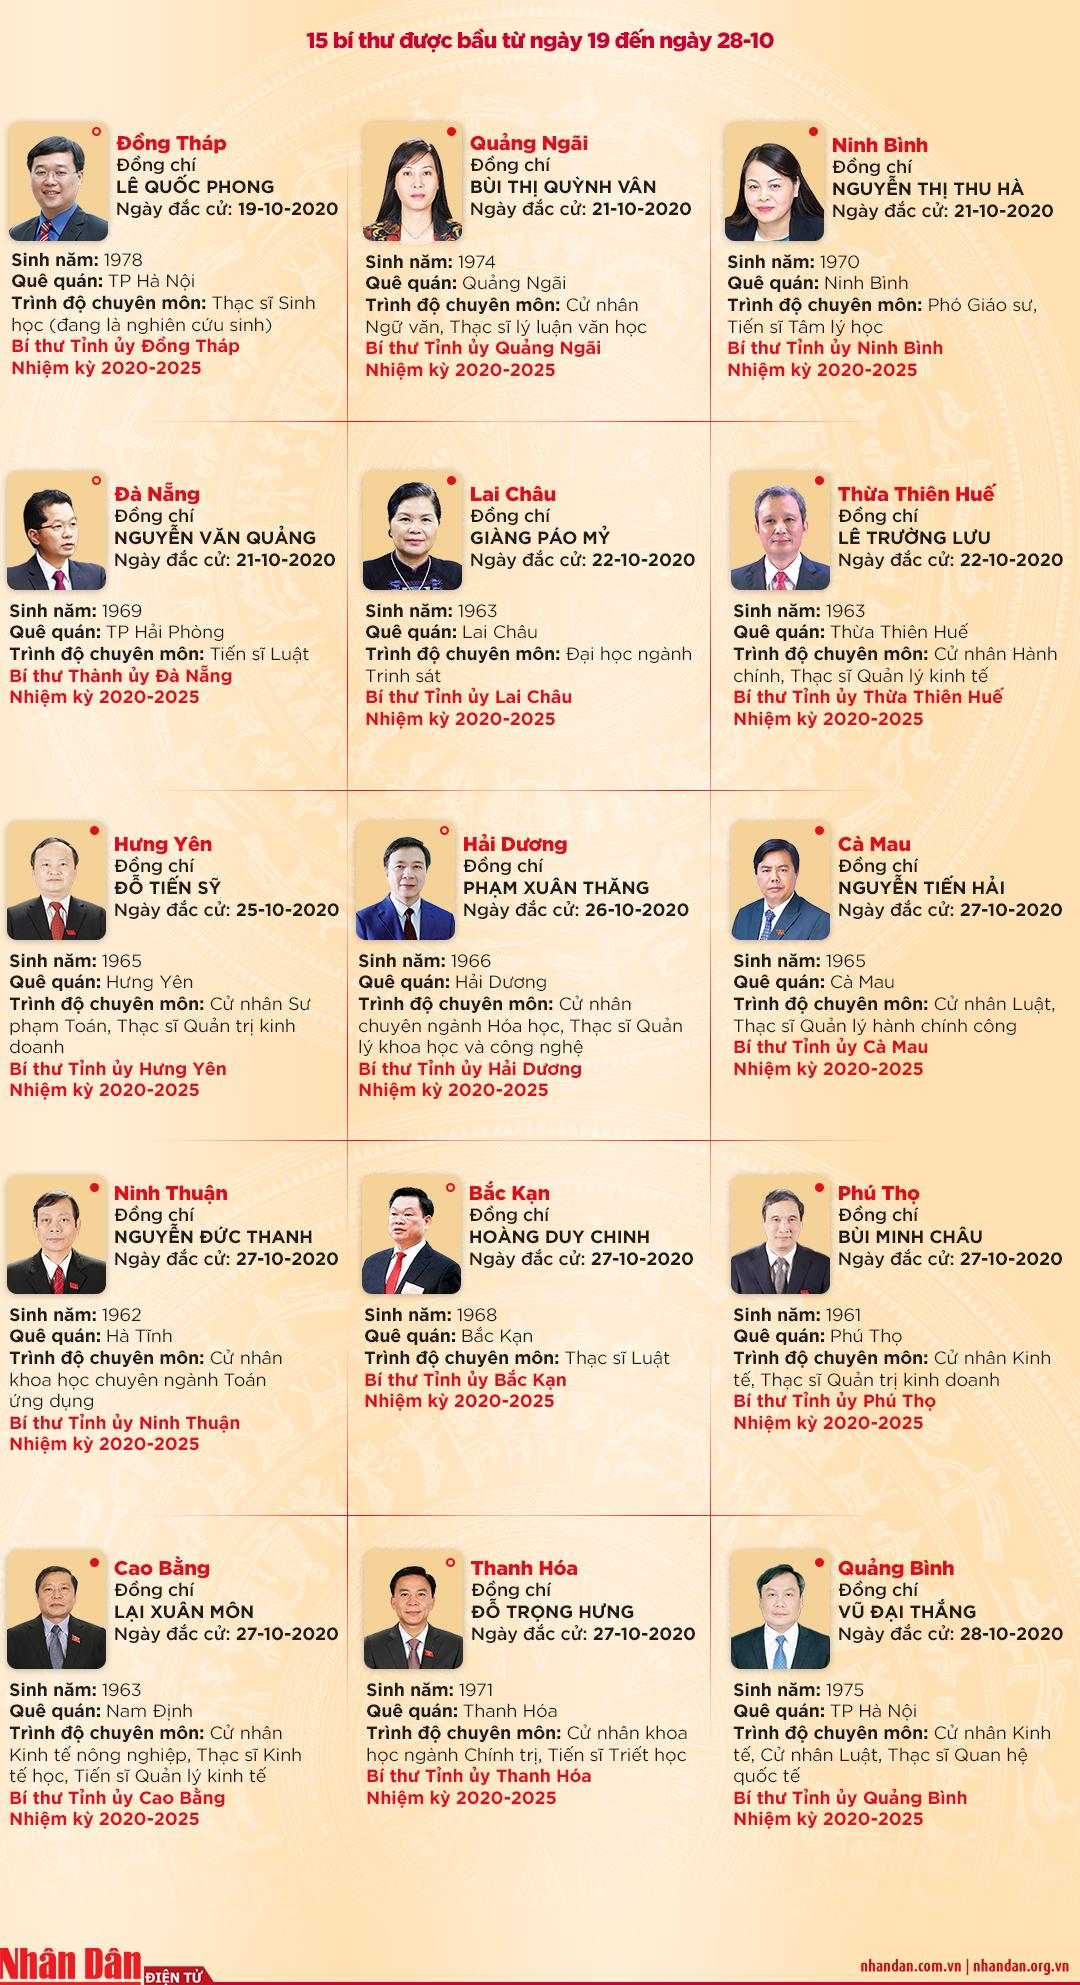 63 Bí thư được bầu tại Đại hội Đảng bộ các tỉnh, thành phố trực thuộc Trung ương -0